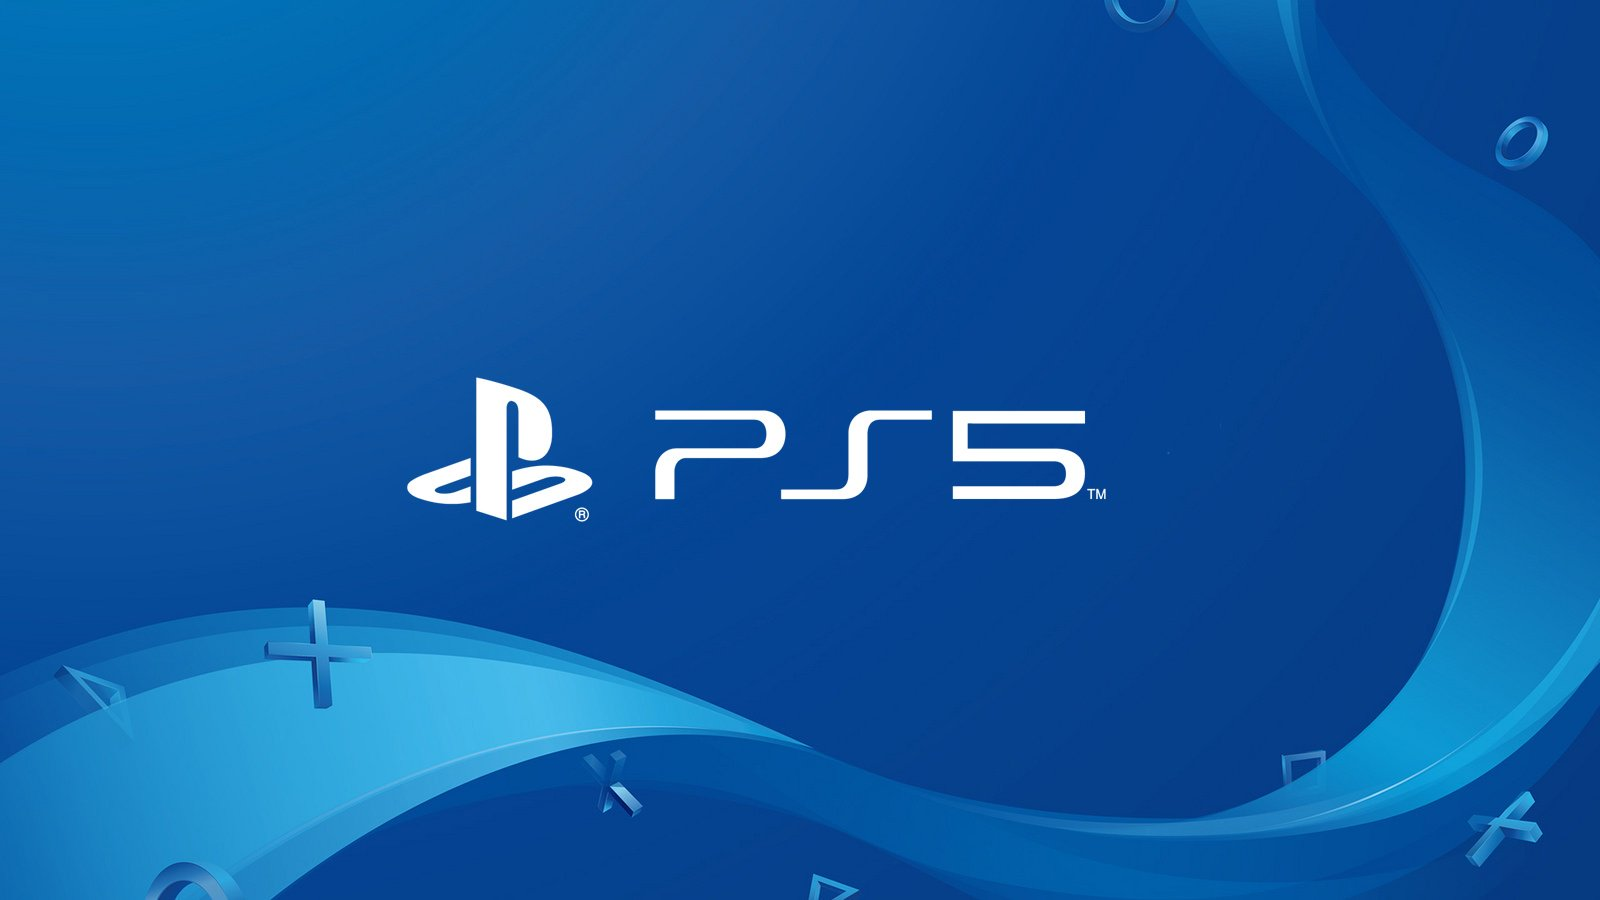 PlayStation-5-John Carmack